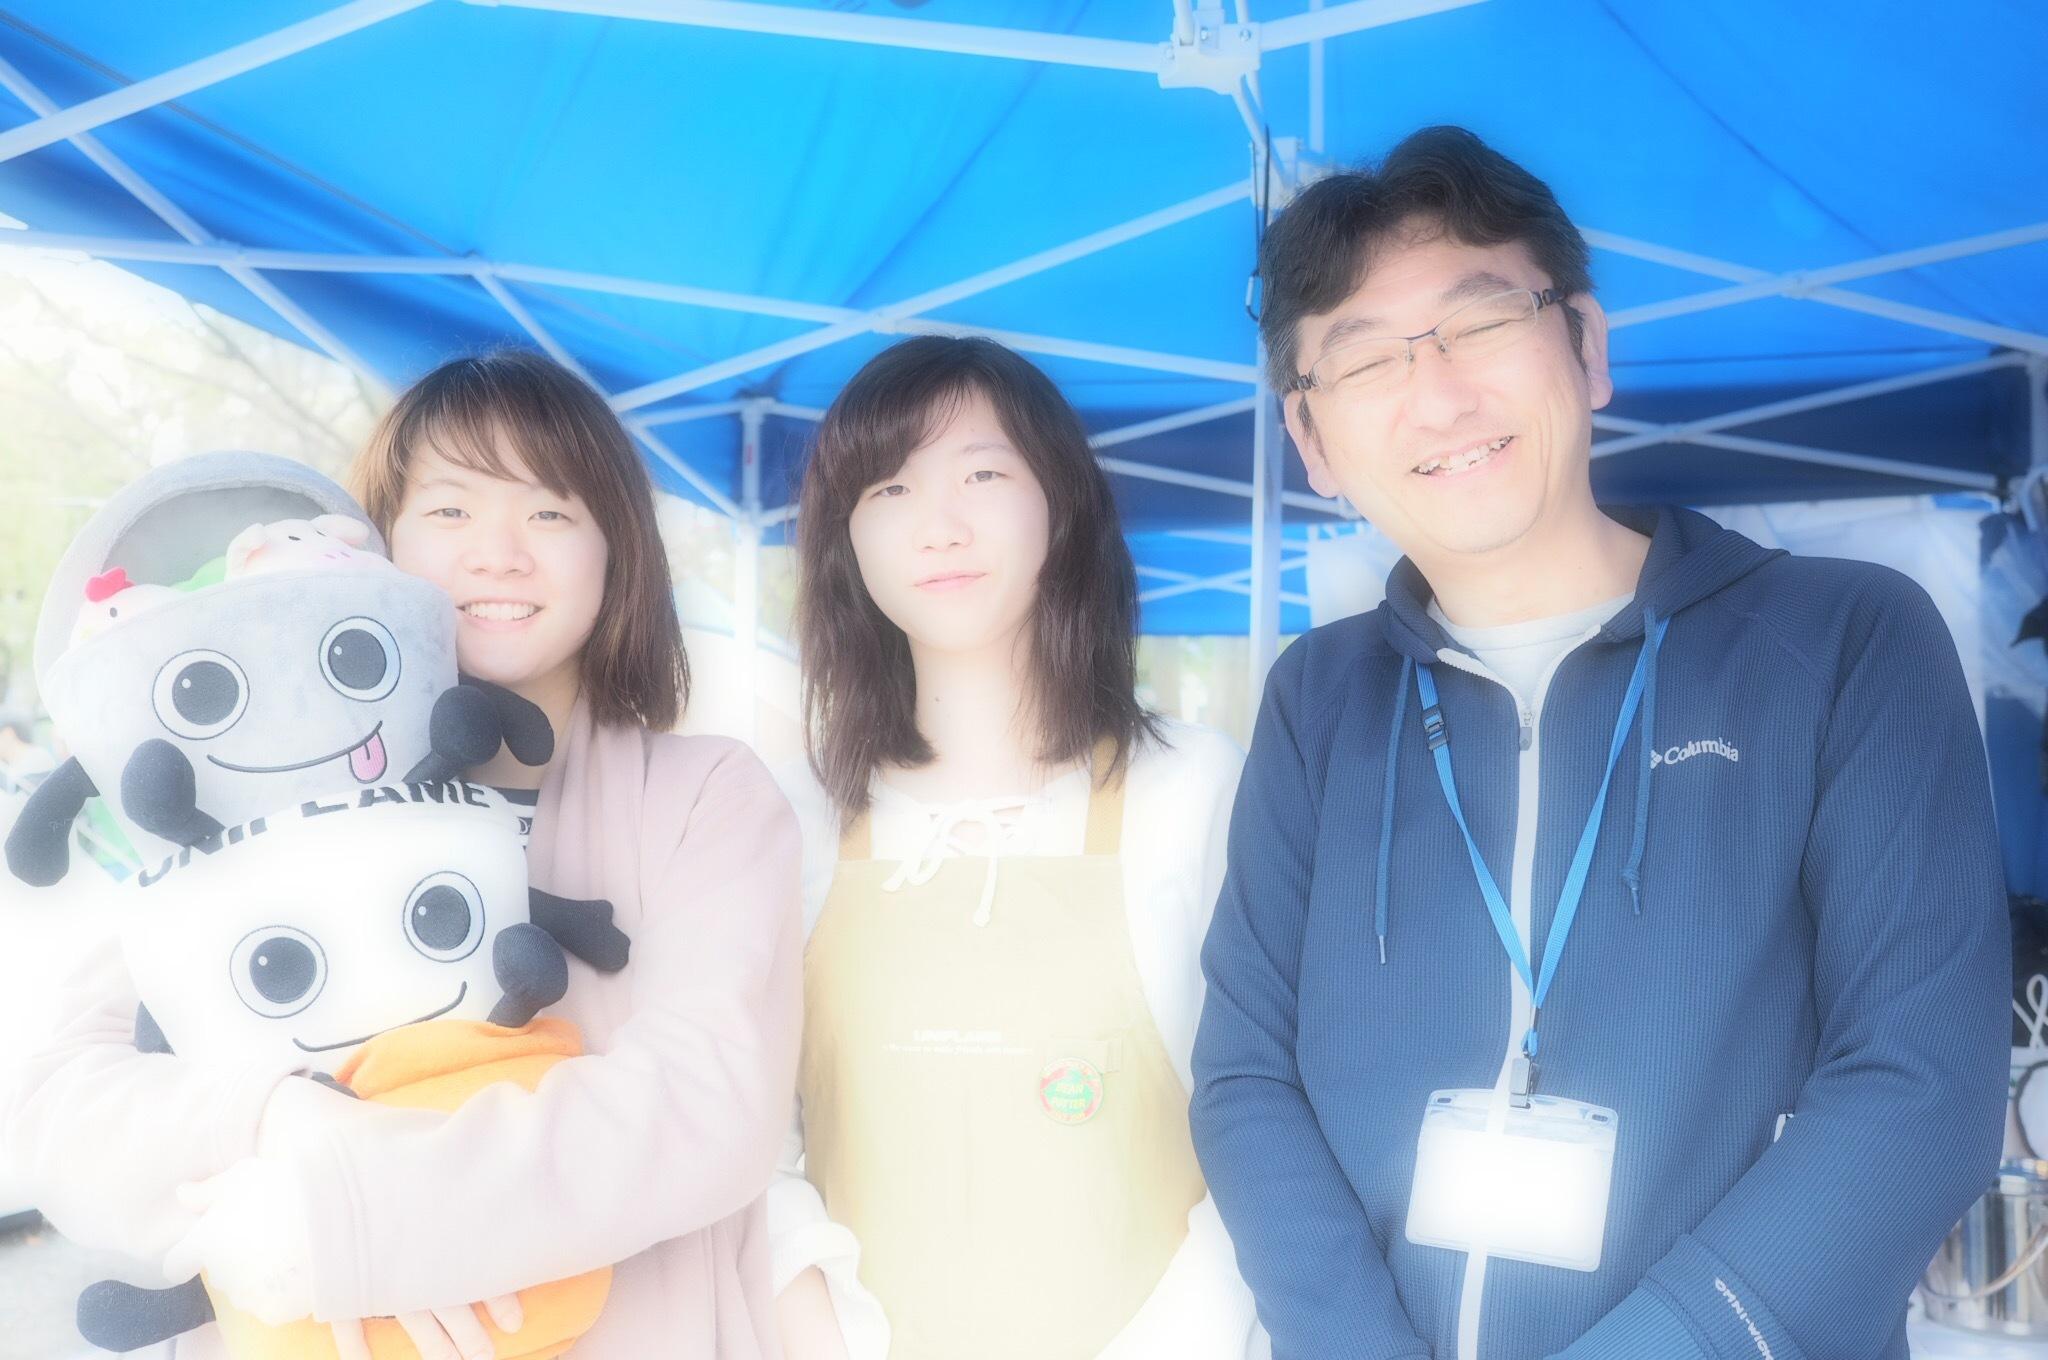 【Photo】アウトドアデイジャパン「笑顔」コレクション!_b0008655_21510017.jpg